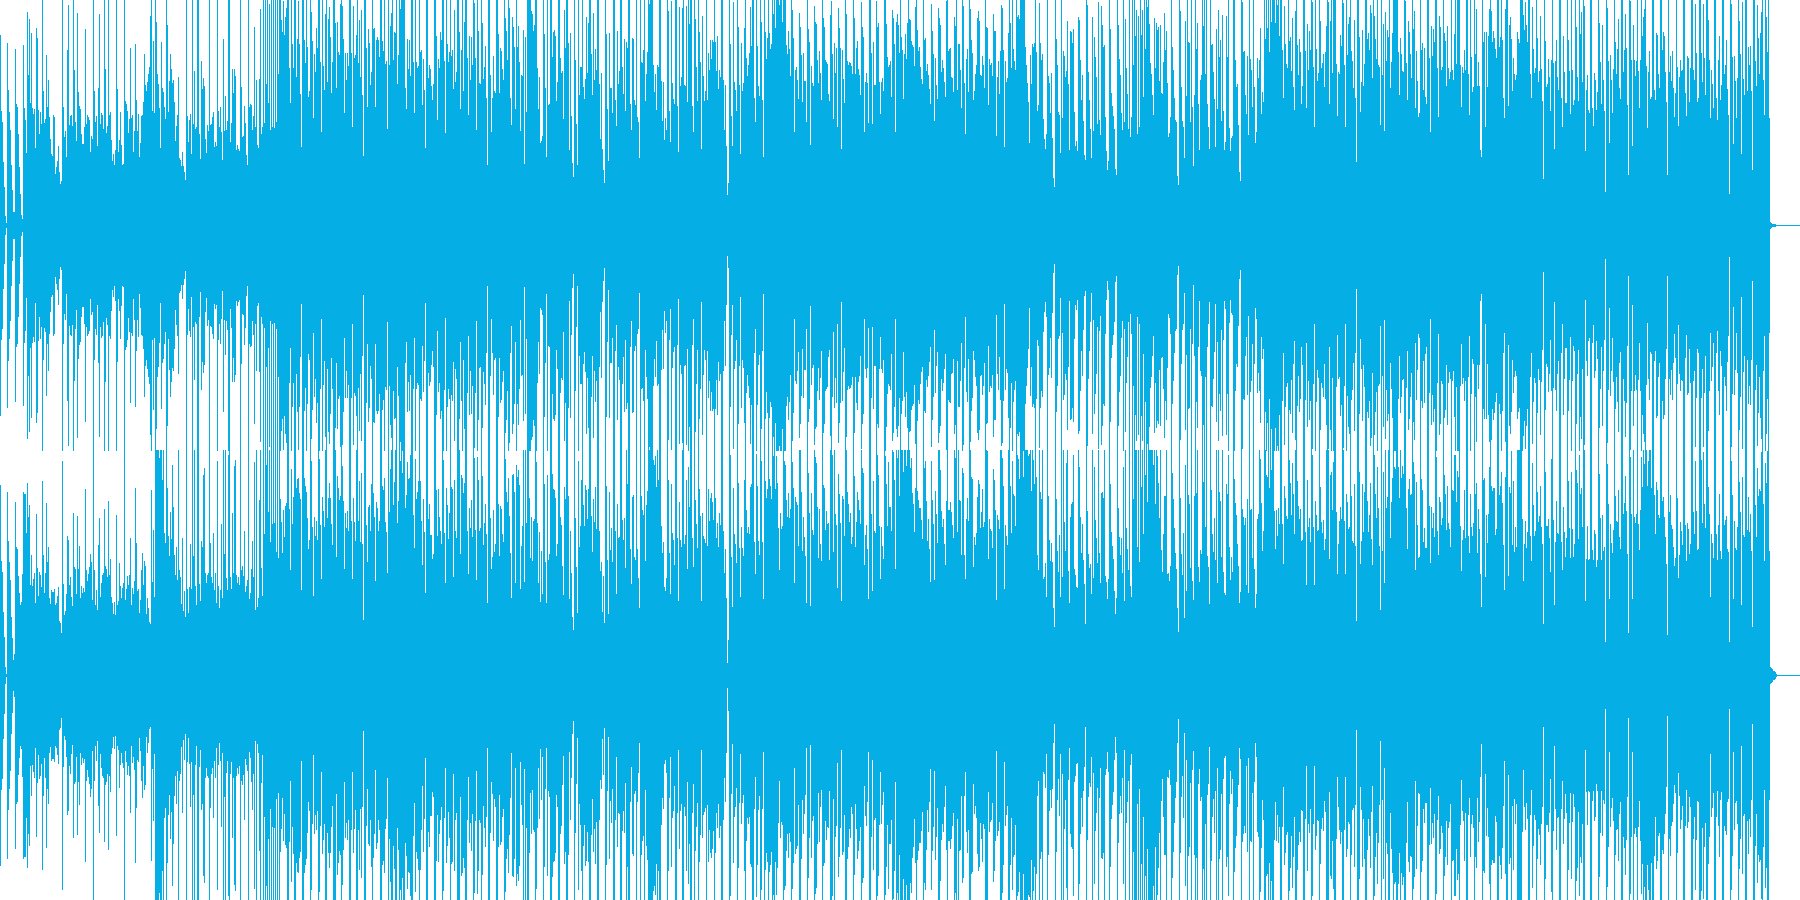 哀愁感と情熱あふれる心をイメージする曲の再生済みの波形